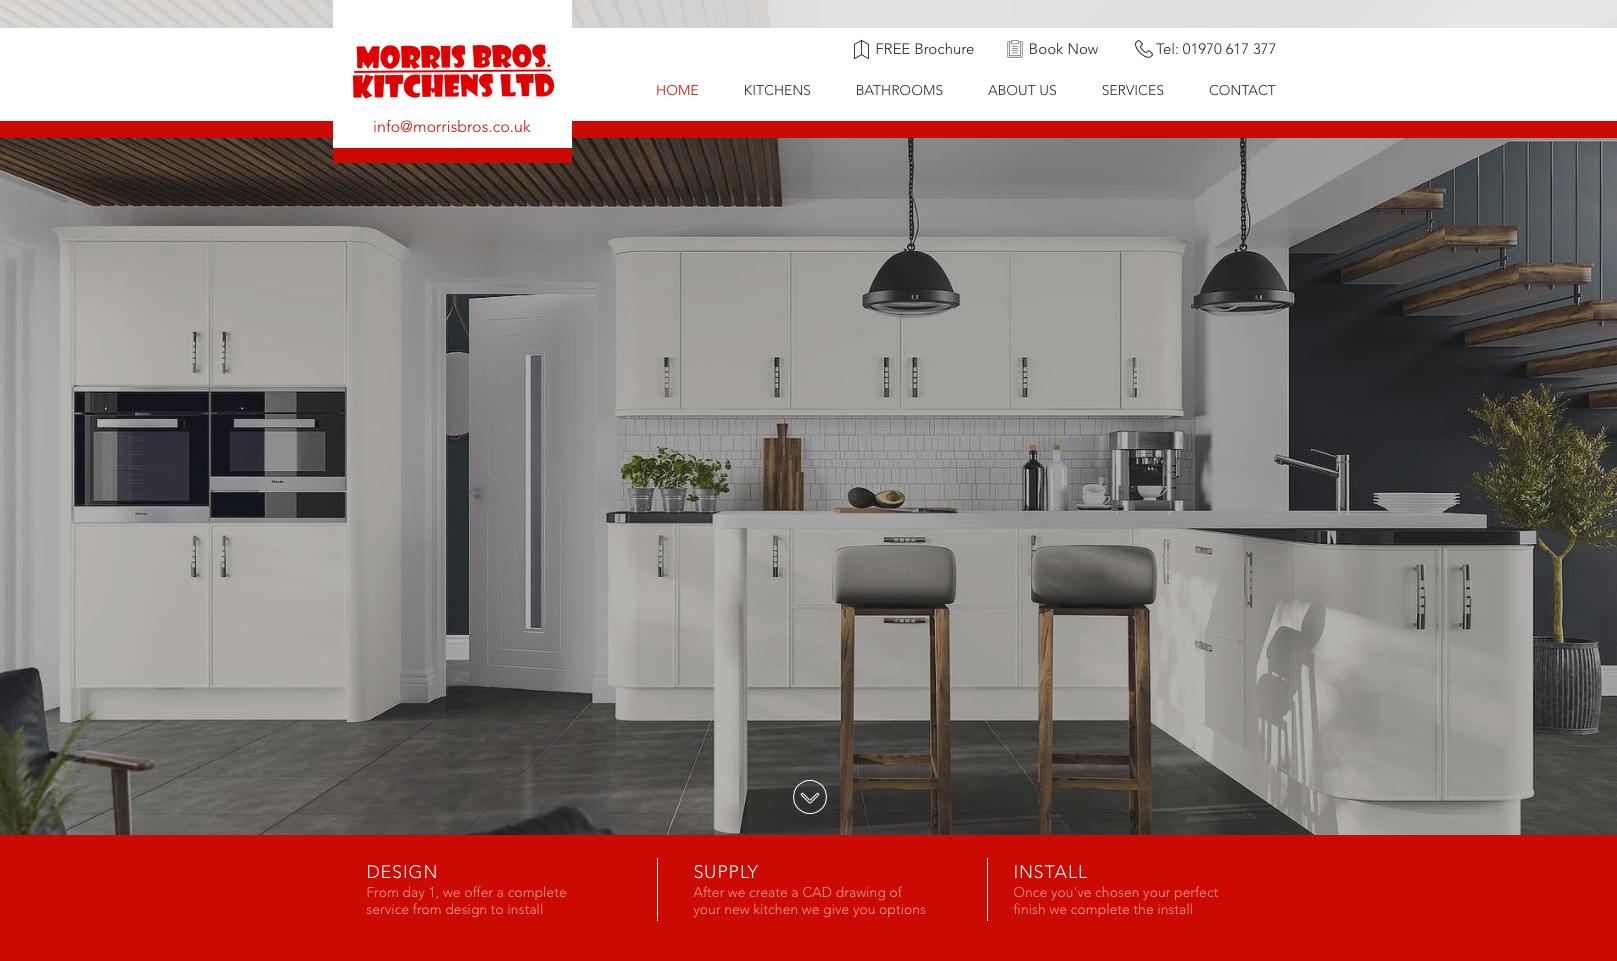 New website design in Aberystwyth